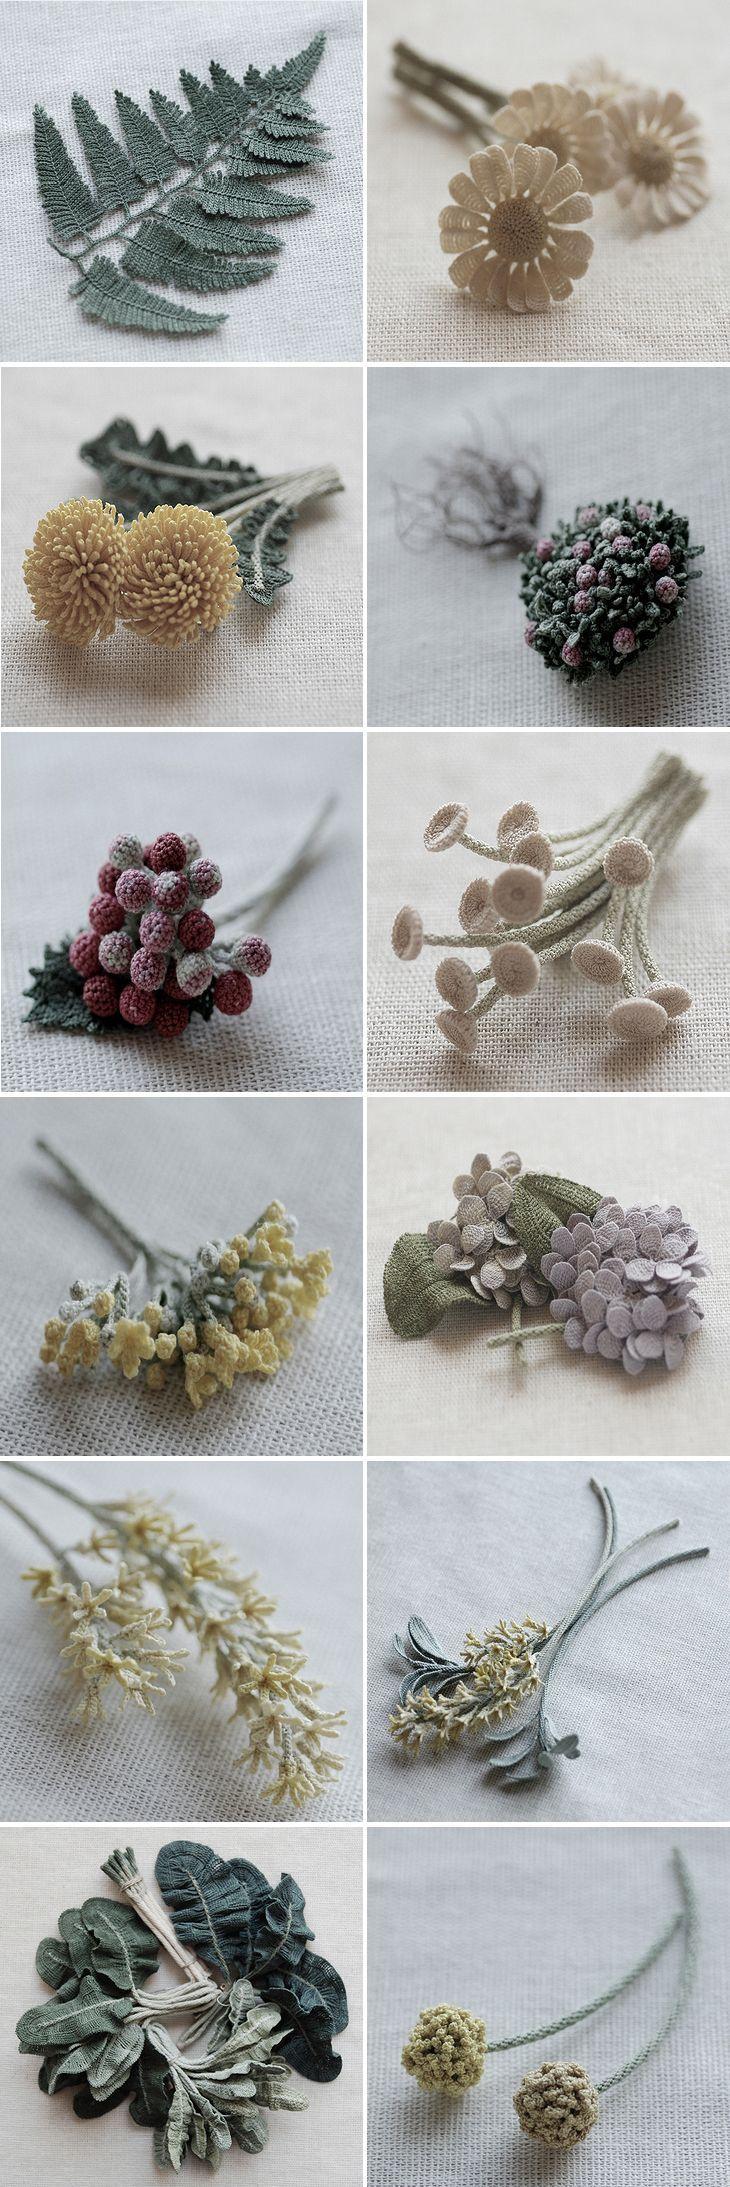 Itoamika Jung Jung's Fiber Art. Blumen häkeln, Häkeln